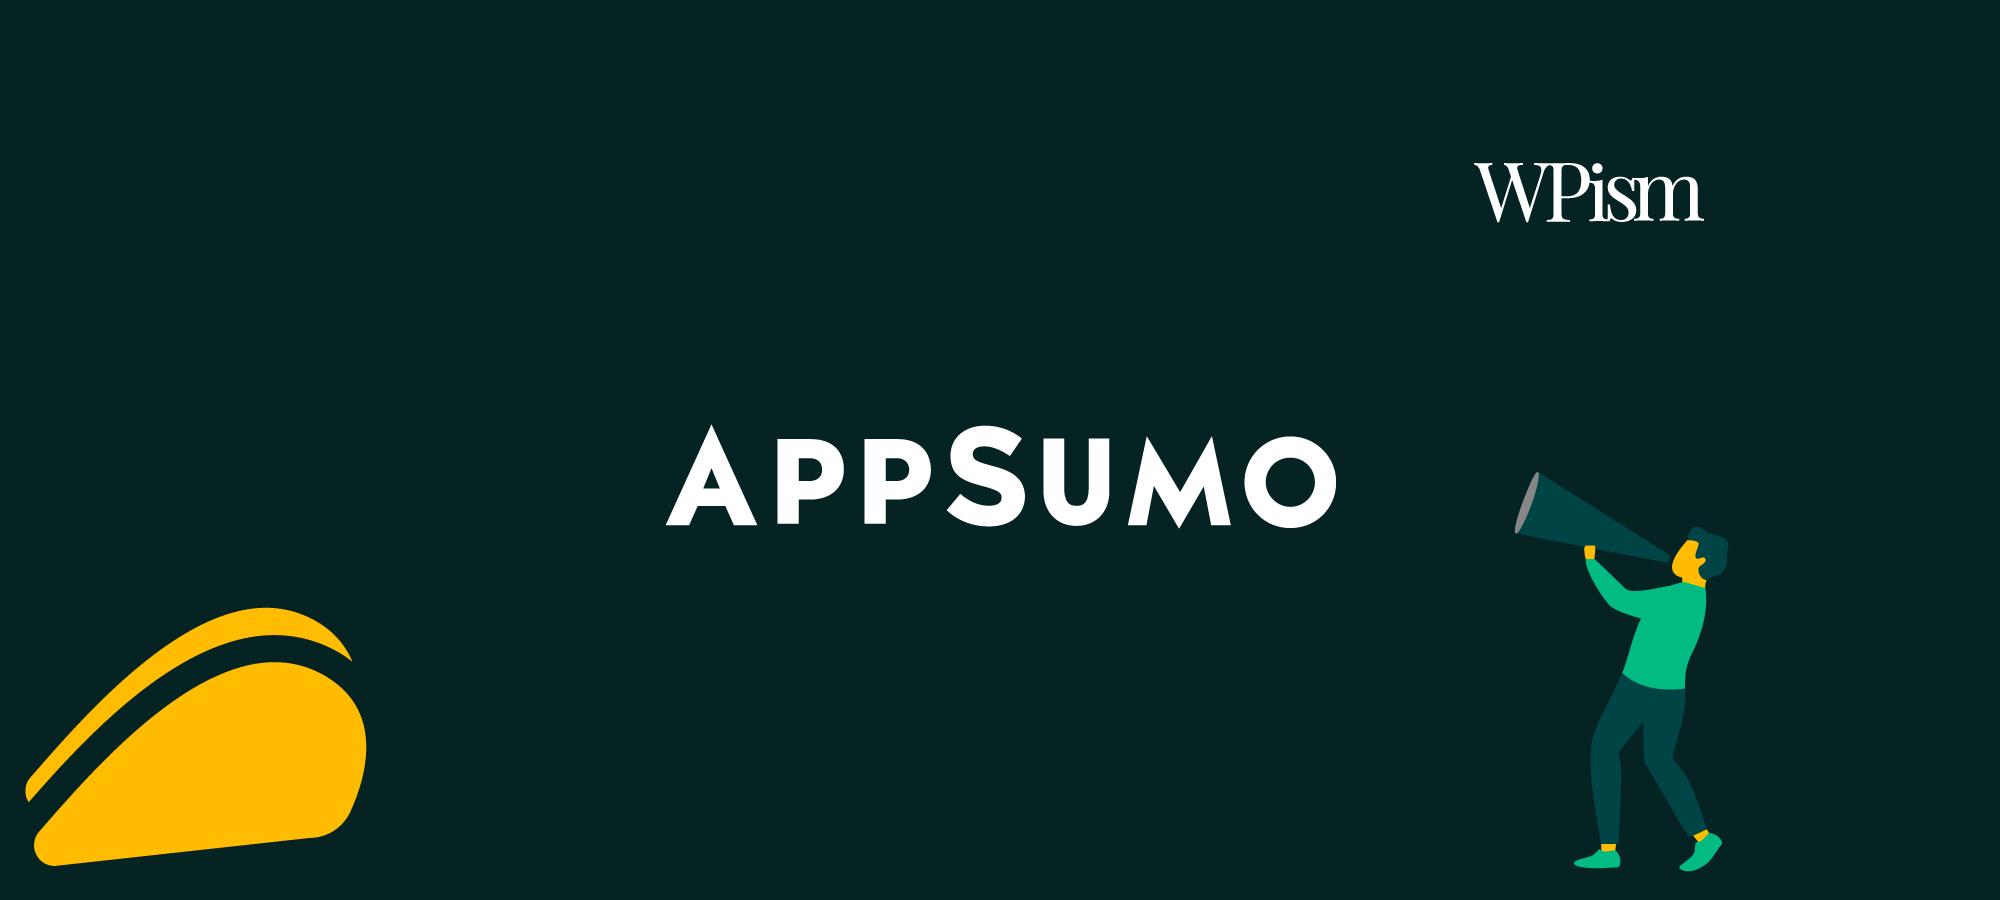 AppSumo Deals Promotions list